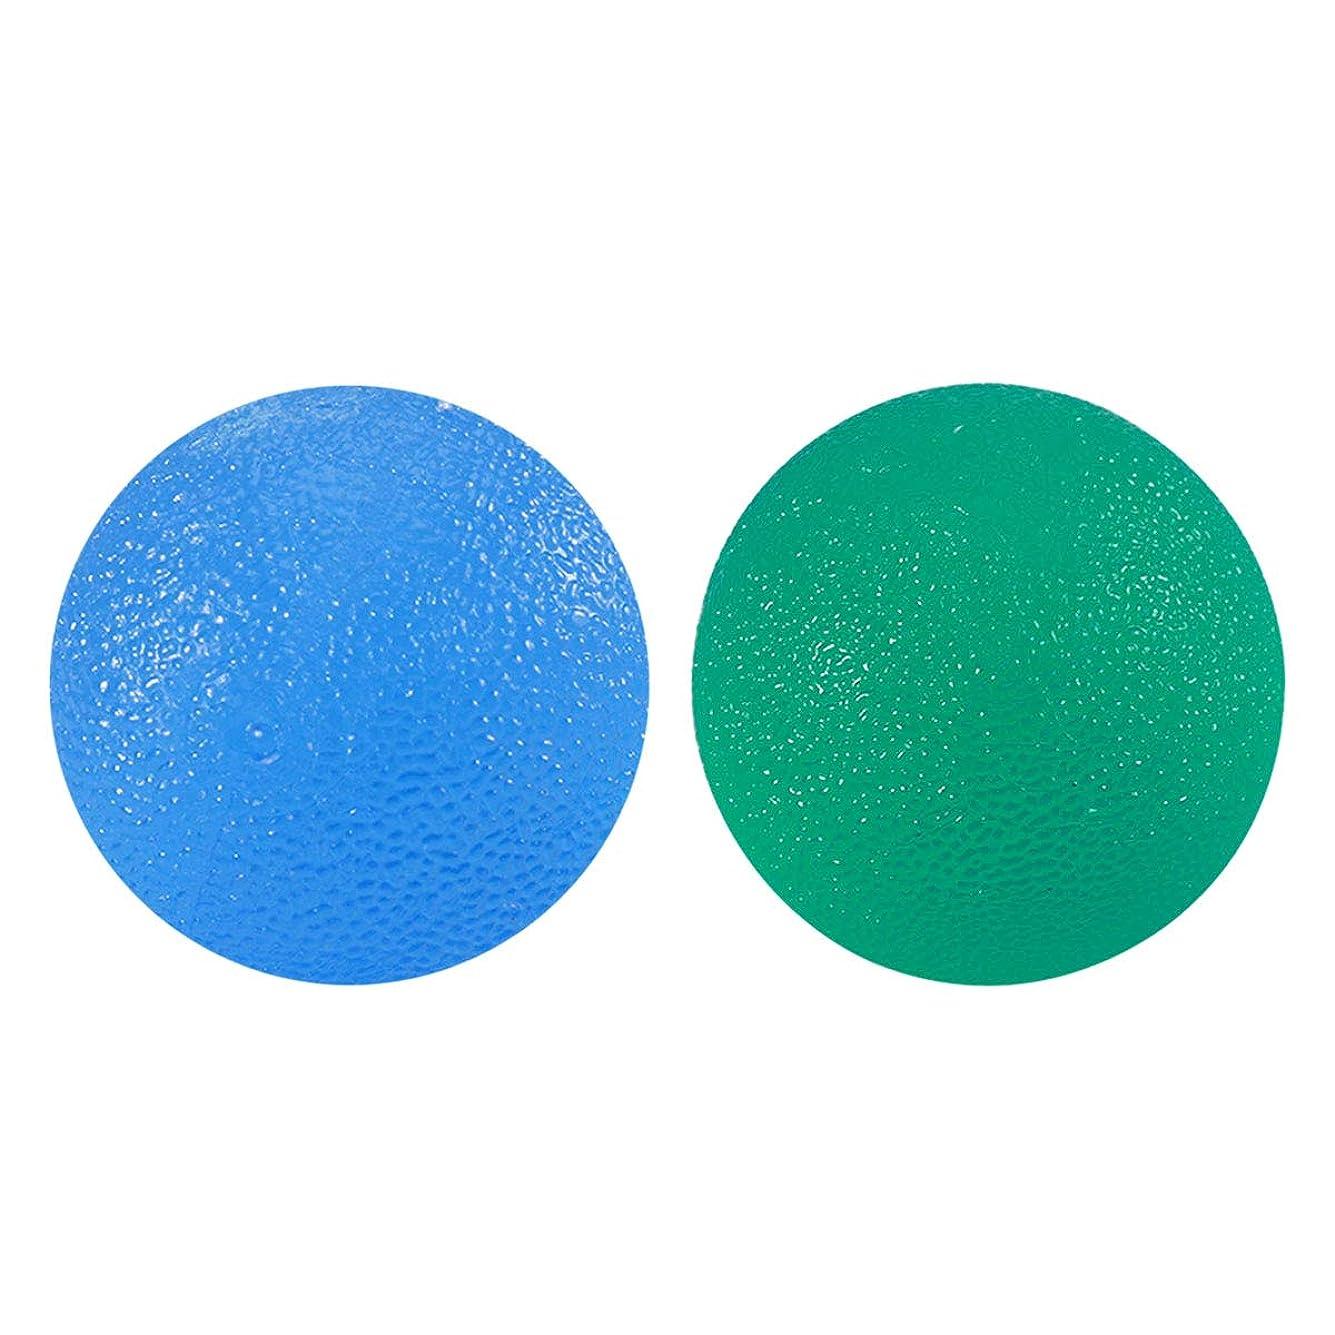 コーンウォールフック区別するROSENICE フィンガーセラピーボールエクササイズボールハンドリハビリトレインボール2個